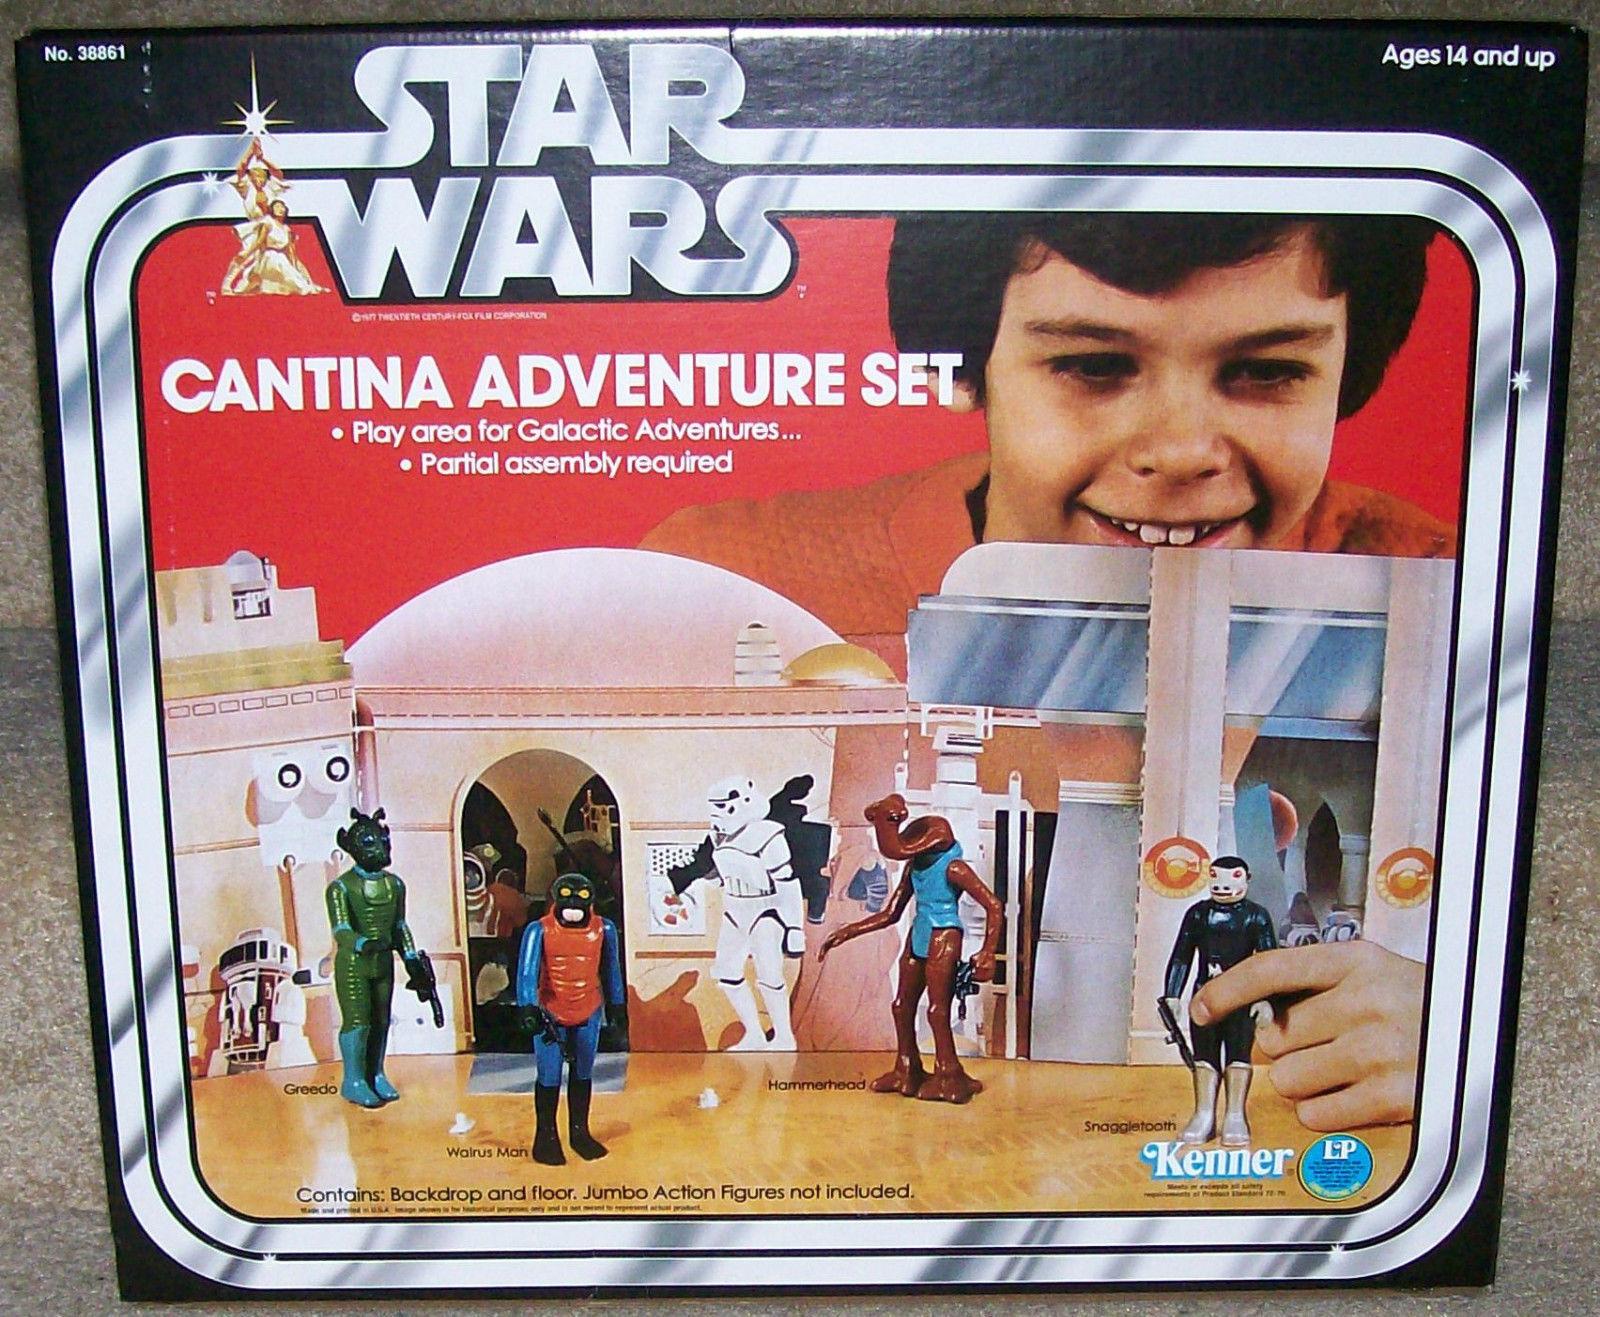 barato y de alta calidad Estrella Wars Gentle Giant Giant Giant Cantina Telón De Fondo Conjunto de Juego Nuevo Sellado  exclusivo